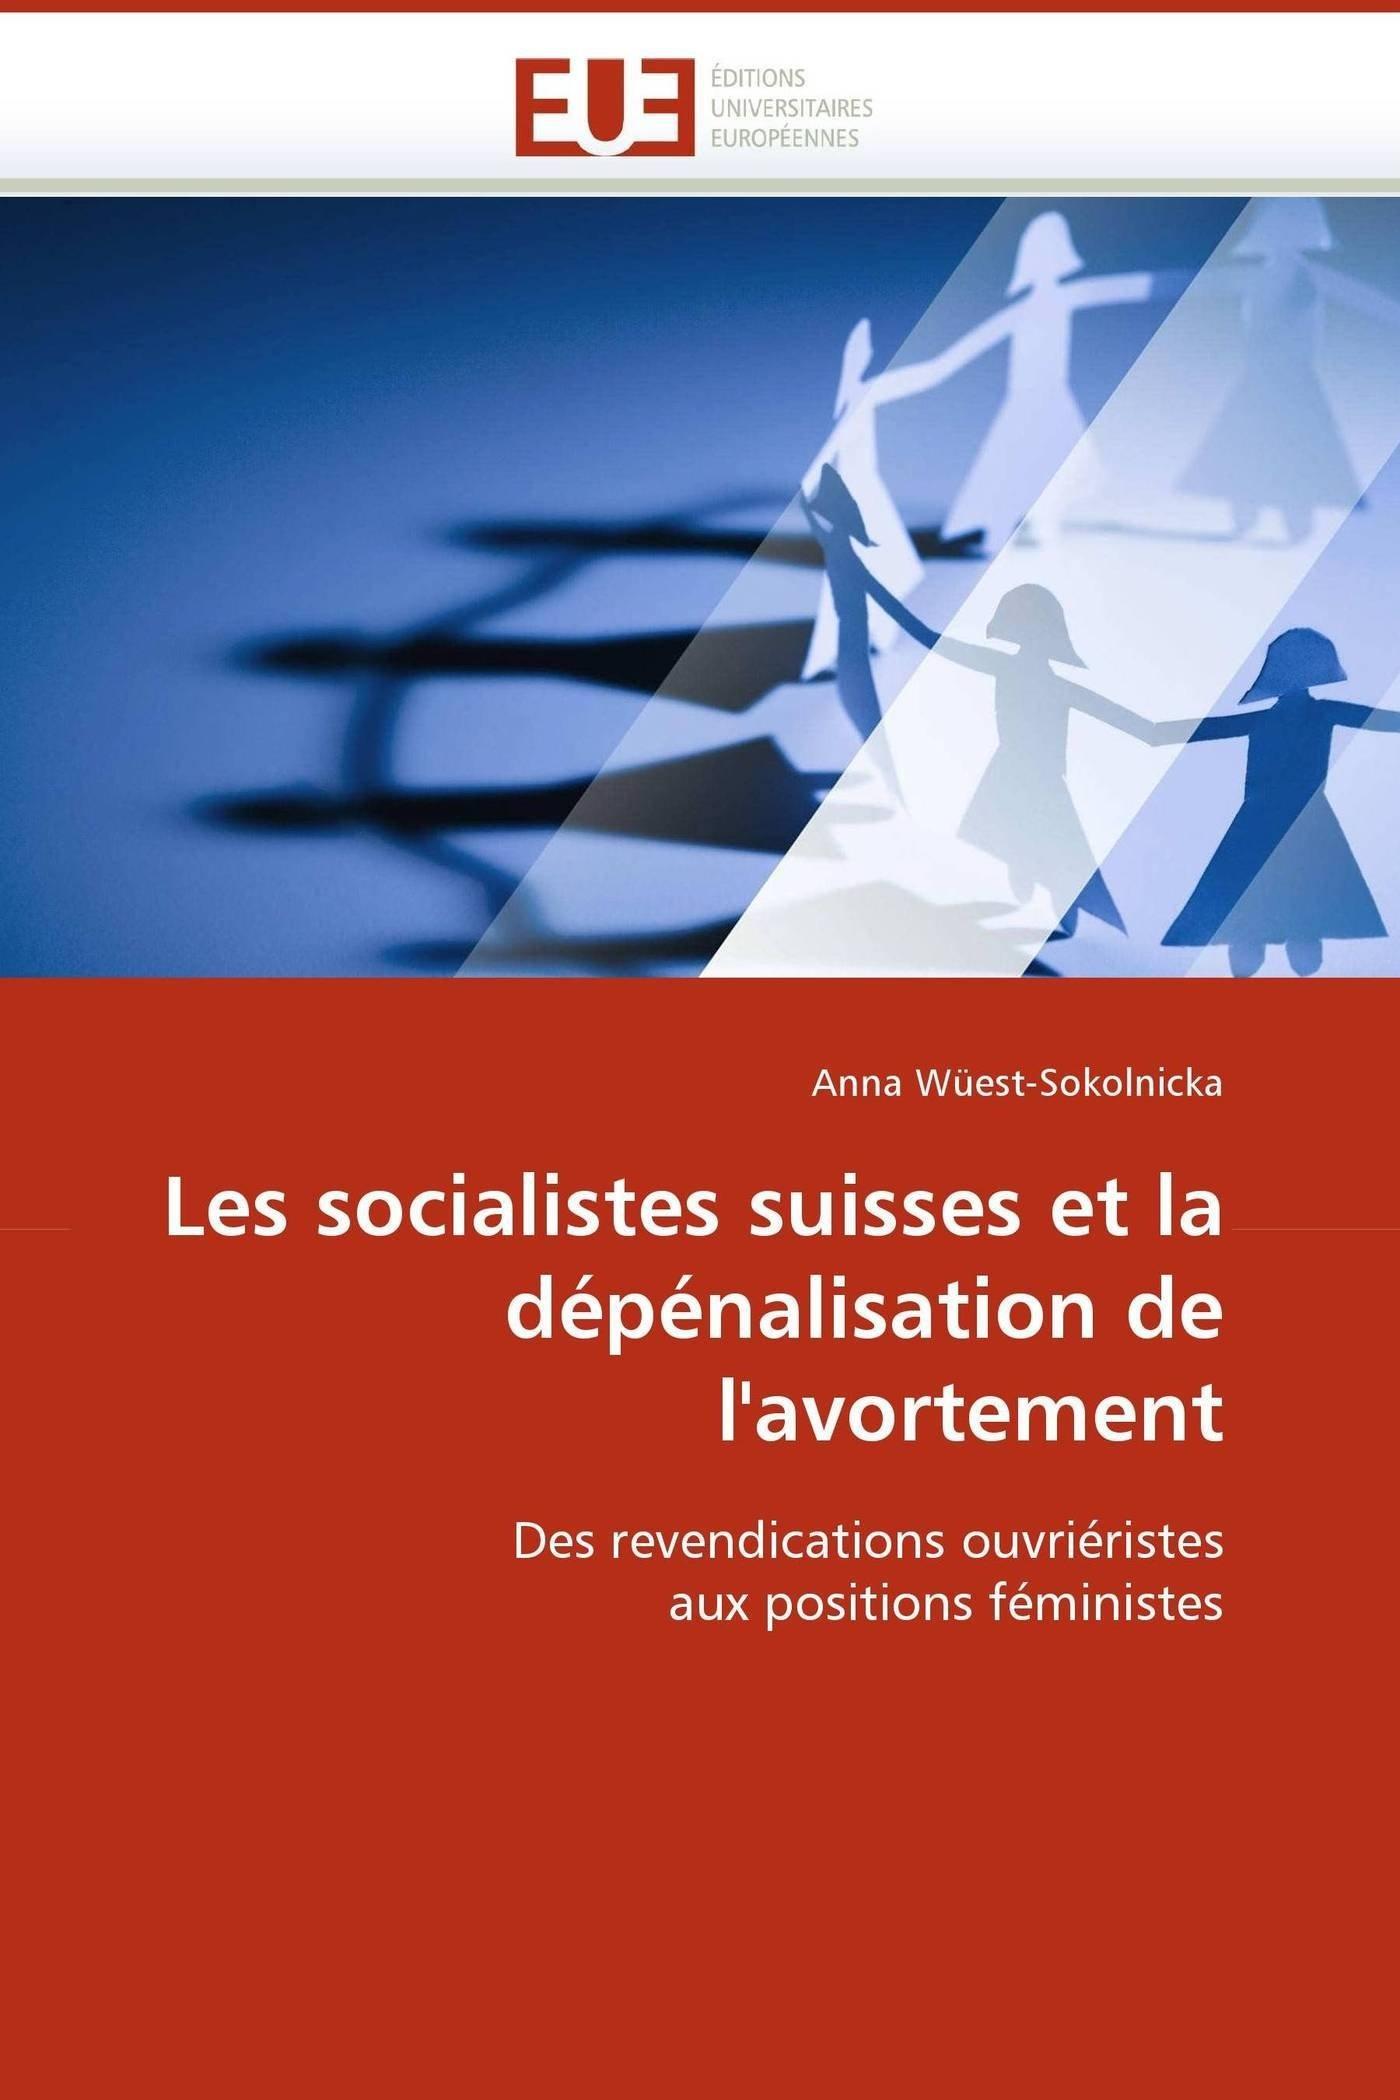 Les socialistes suisses et la dépénalisation de l''avortement: Des revendications ouvriéristes aux positions féministes (Omn.Univ.Europ.) (French Edition) ebook